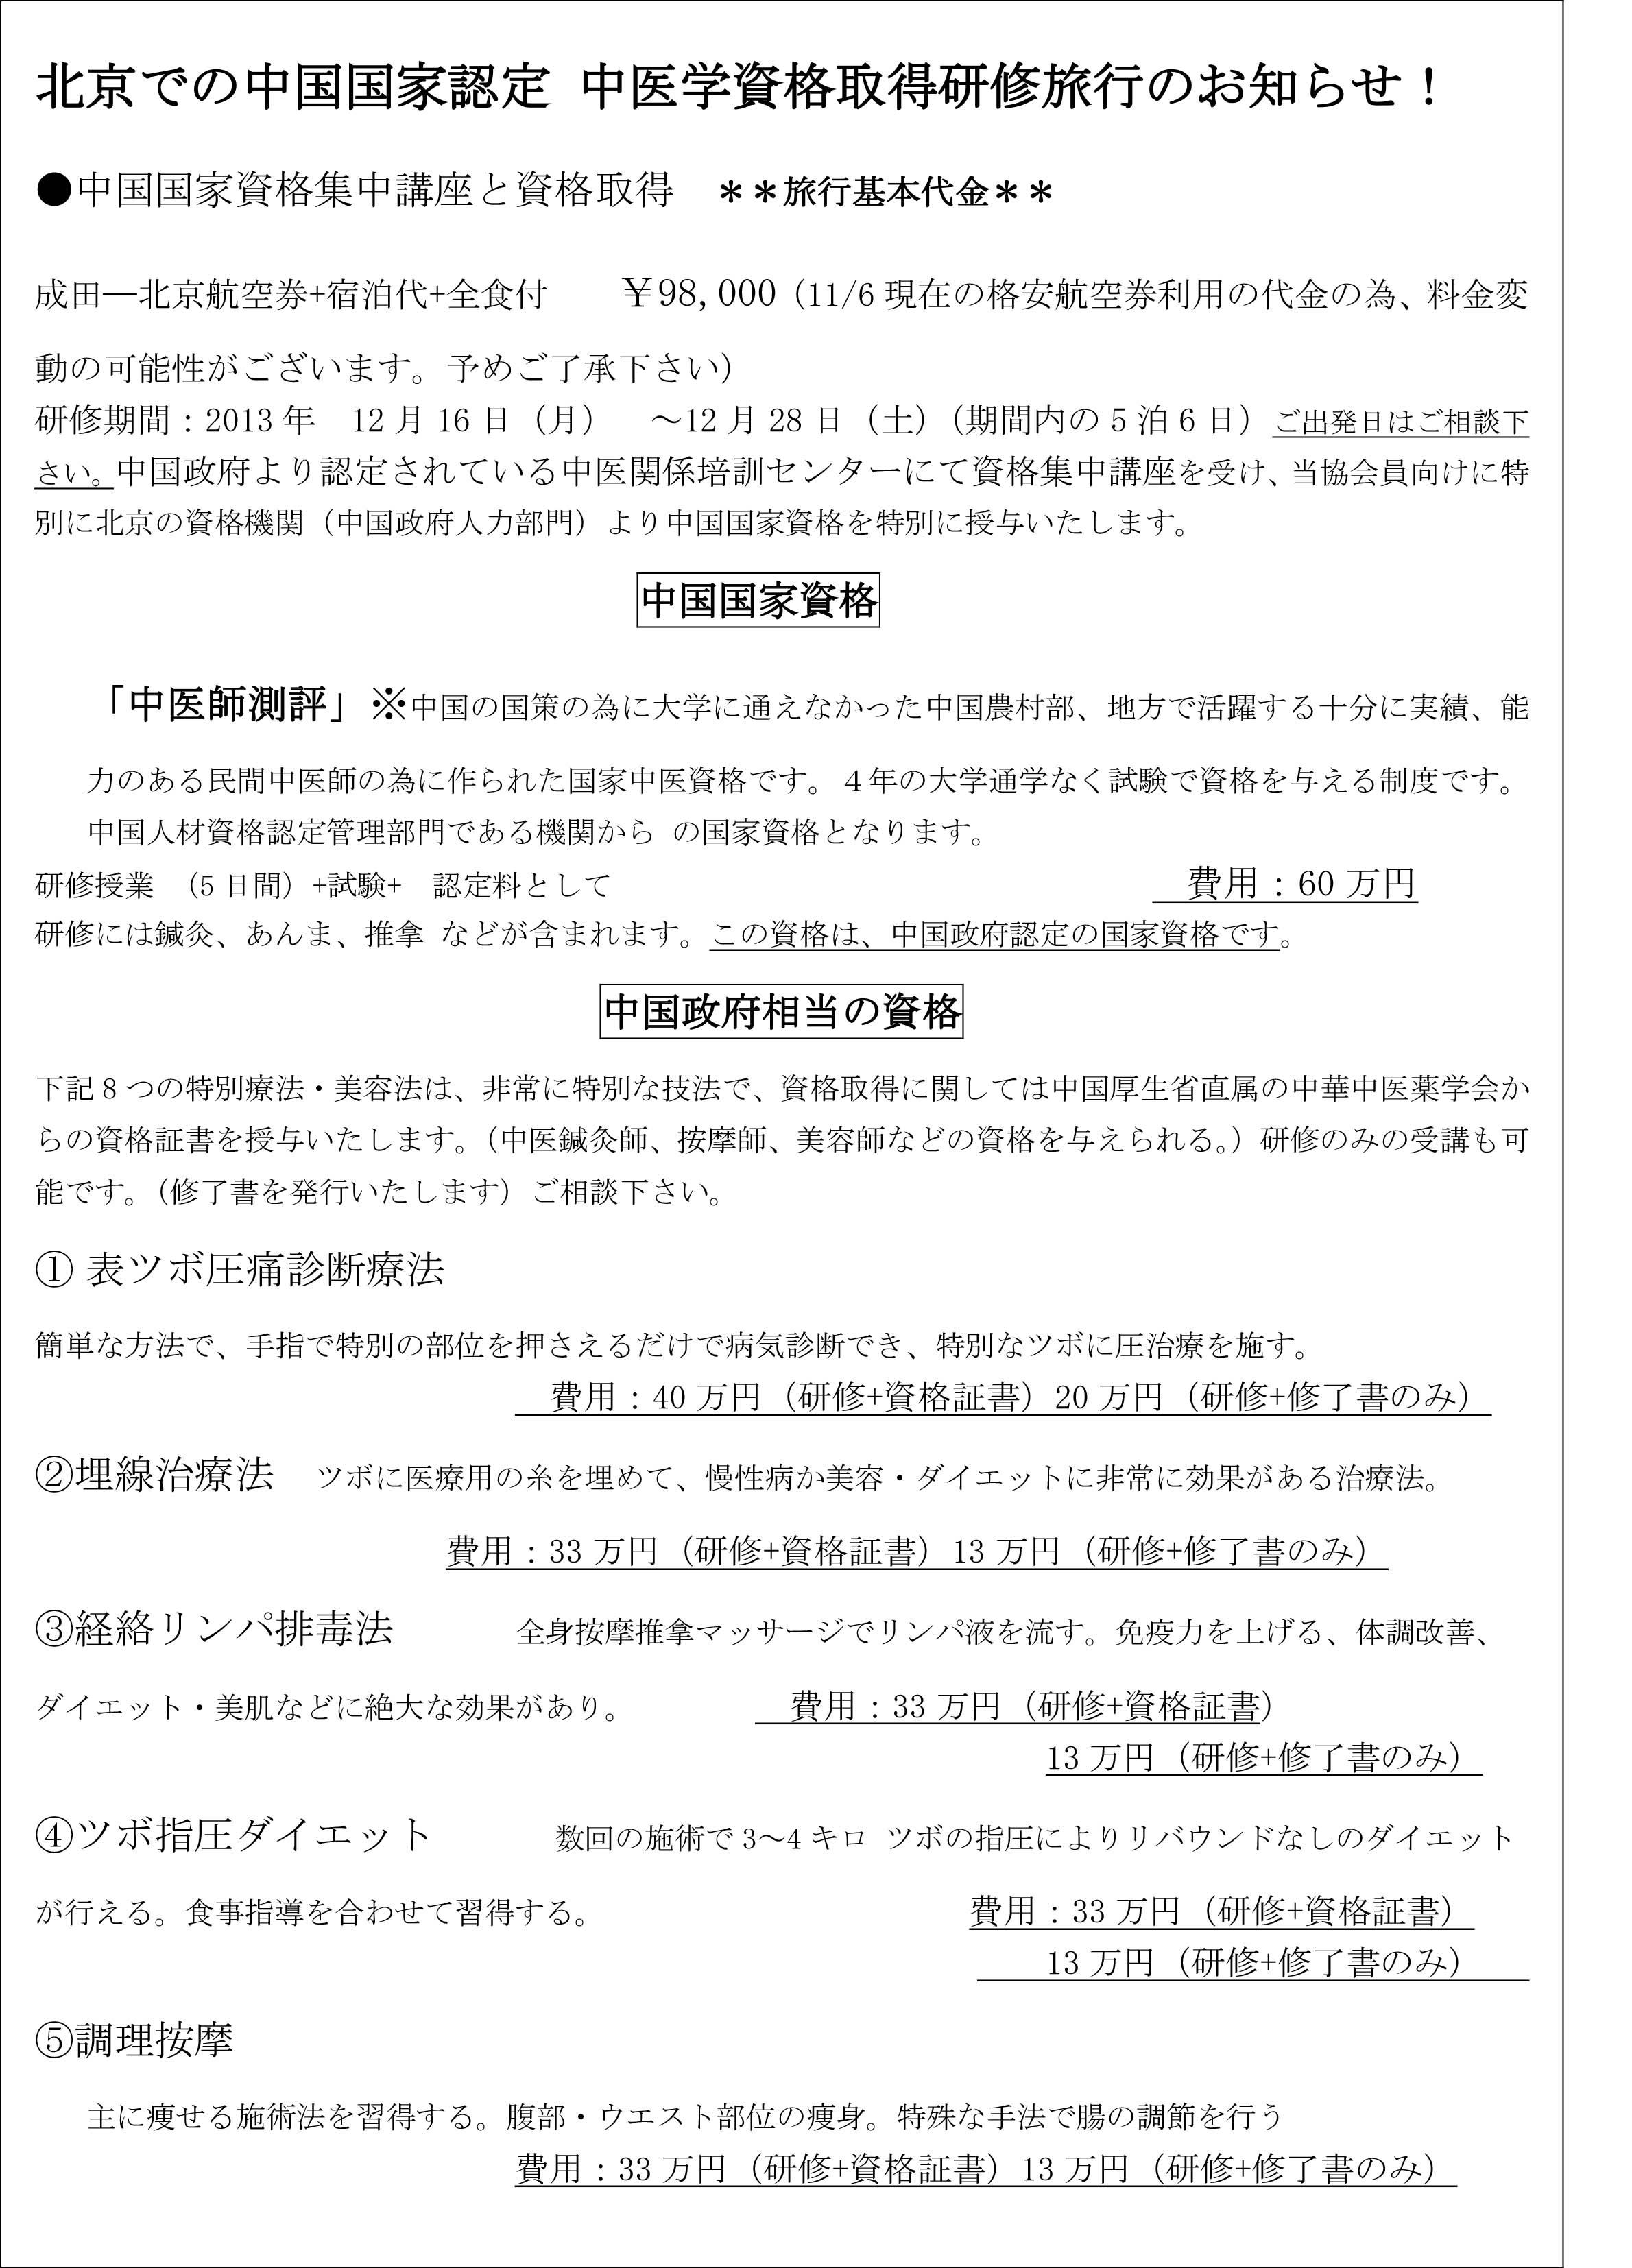 中医学資格案内2013冬-1